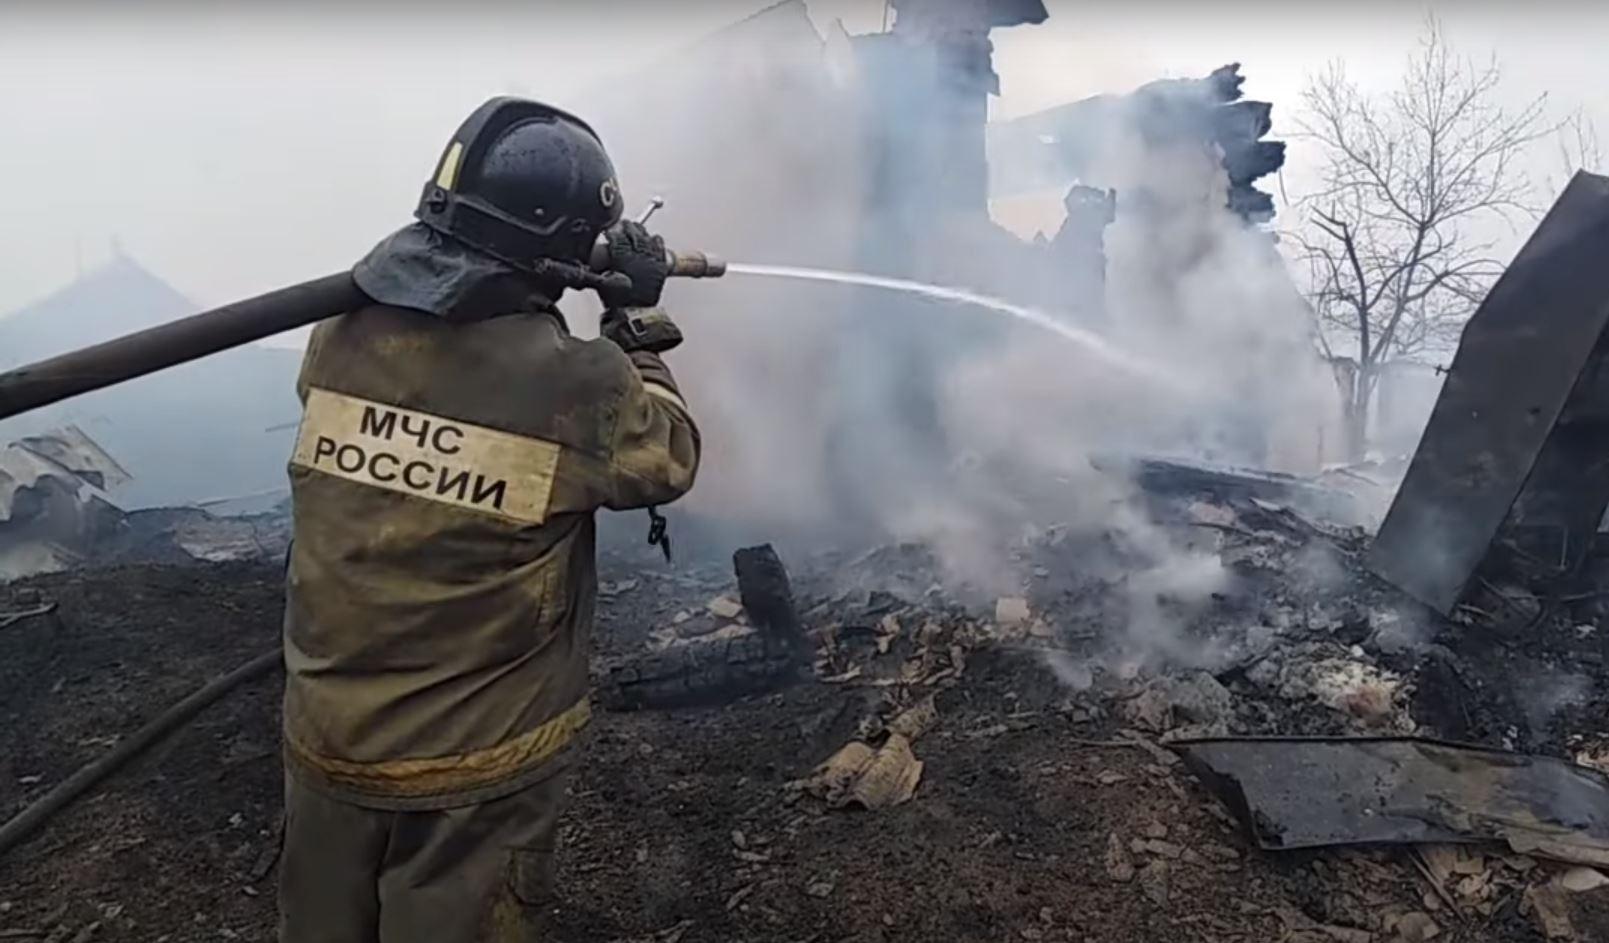 Перекинувшийся с туалета огонь чуть не сжег детский садв Забайкалье